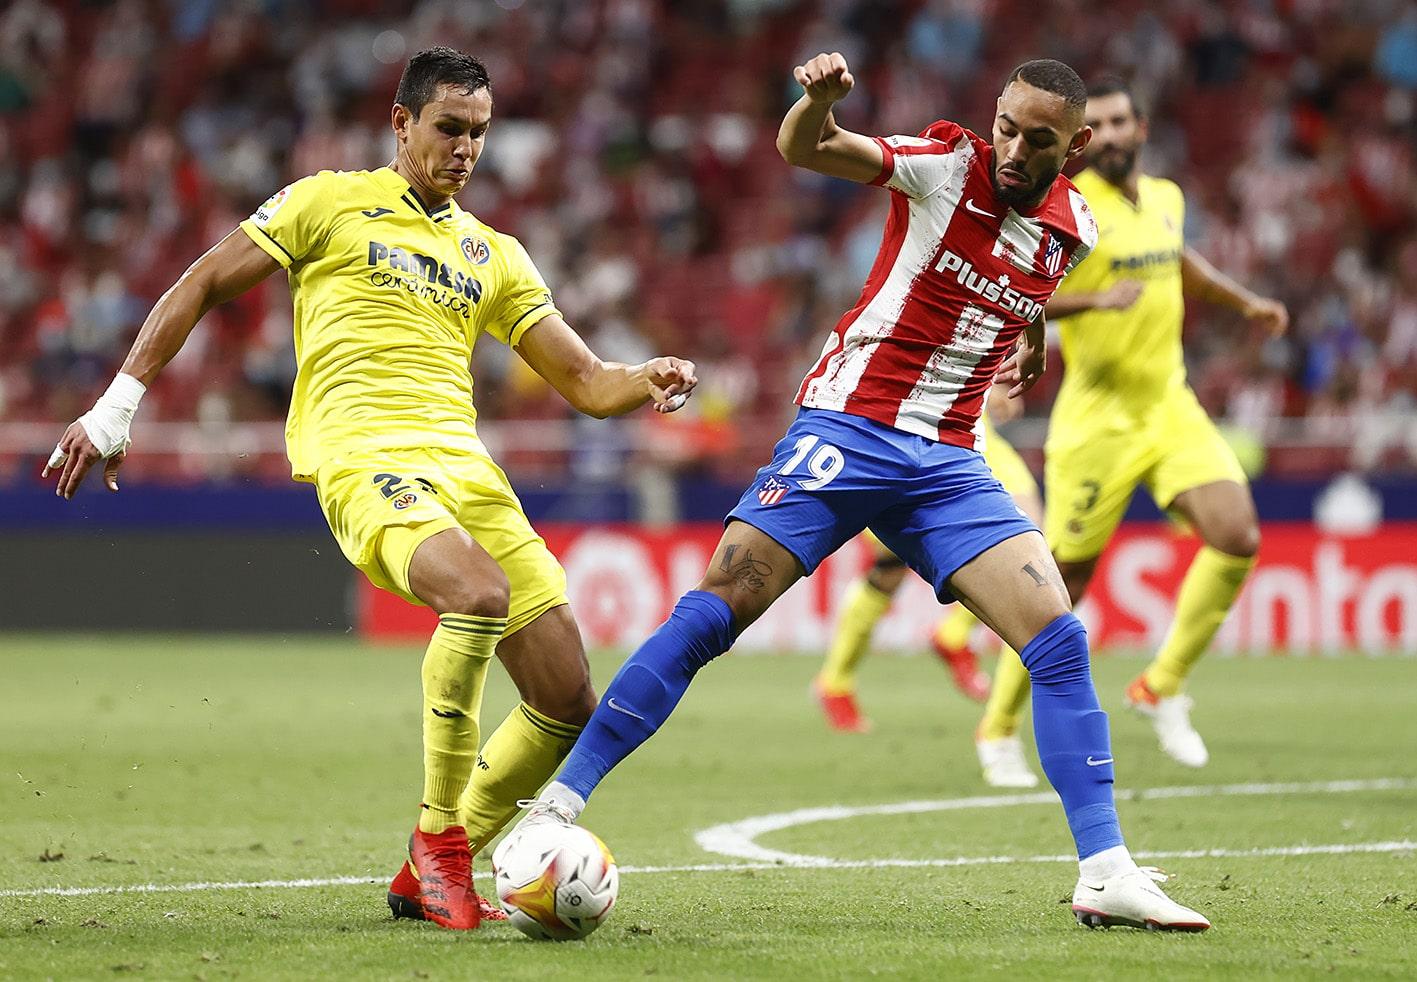 ترتيب الدوري الإسباني بعد تعادل أتلتيكو مدريد وفياريال